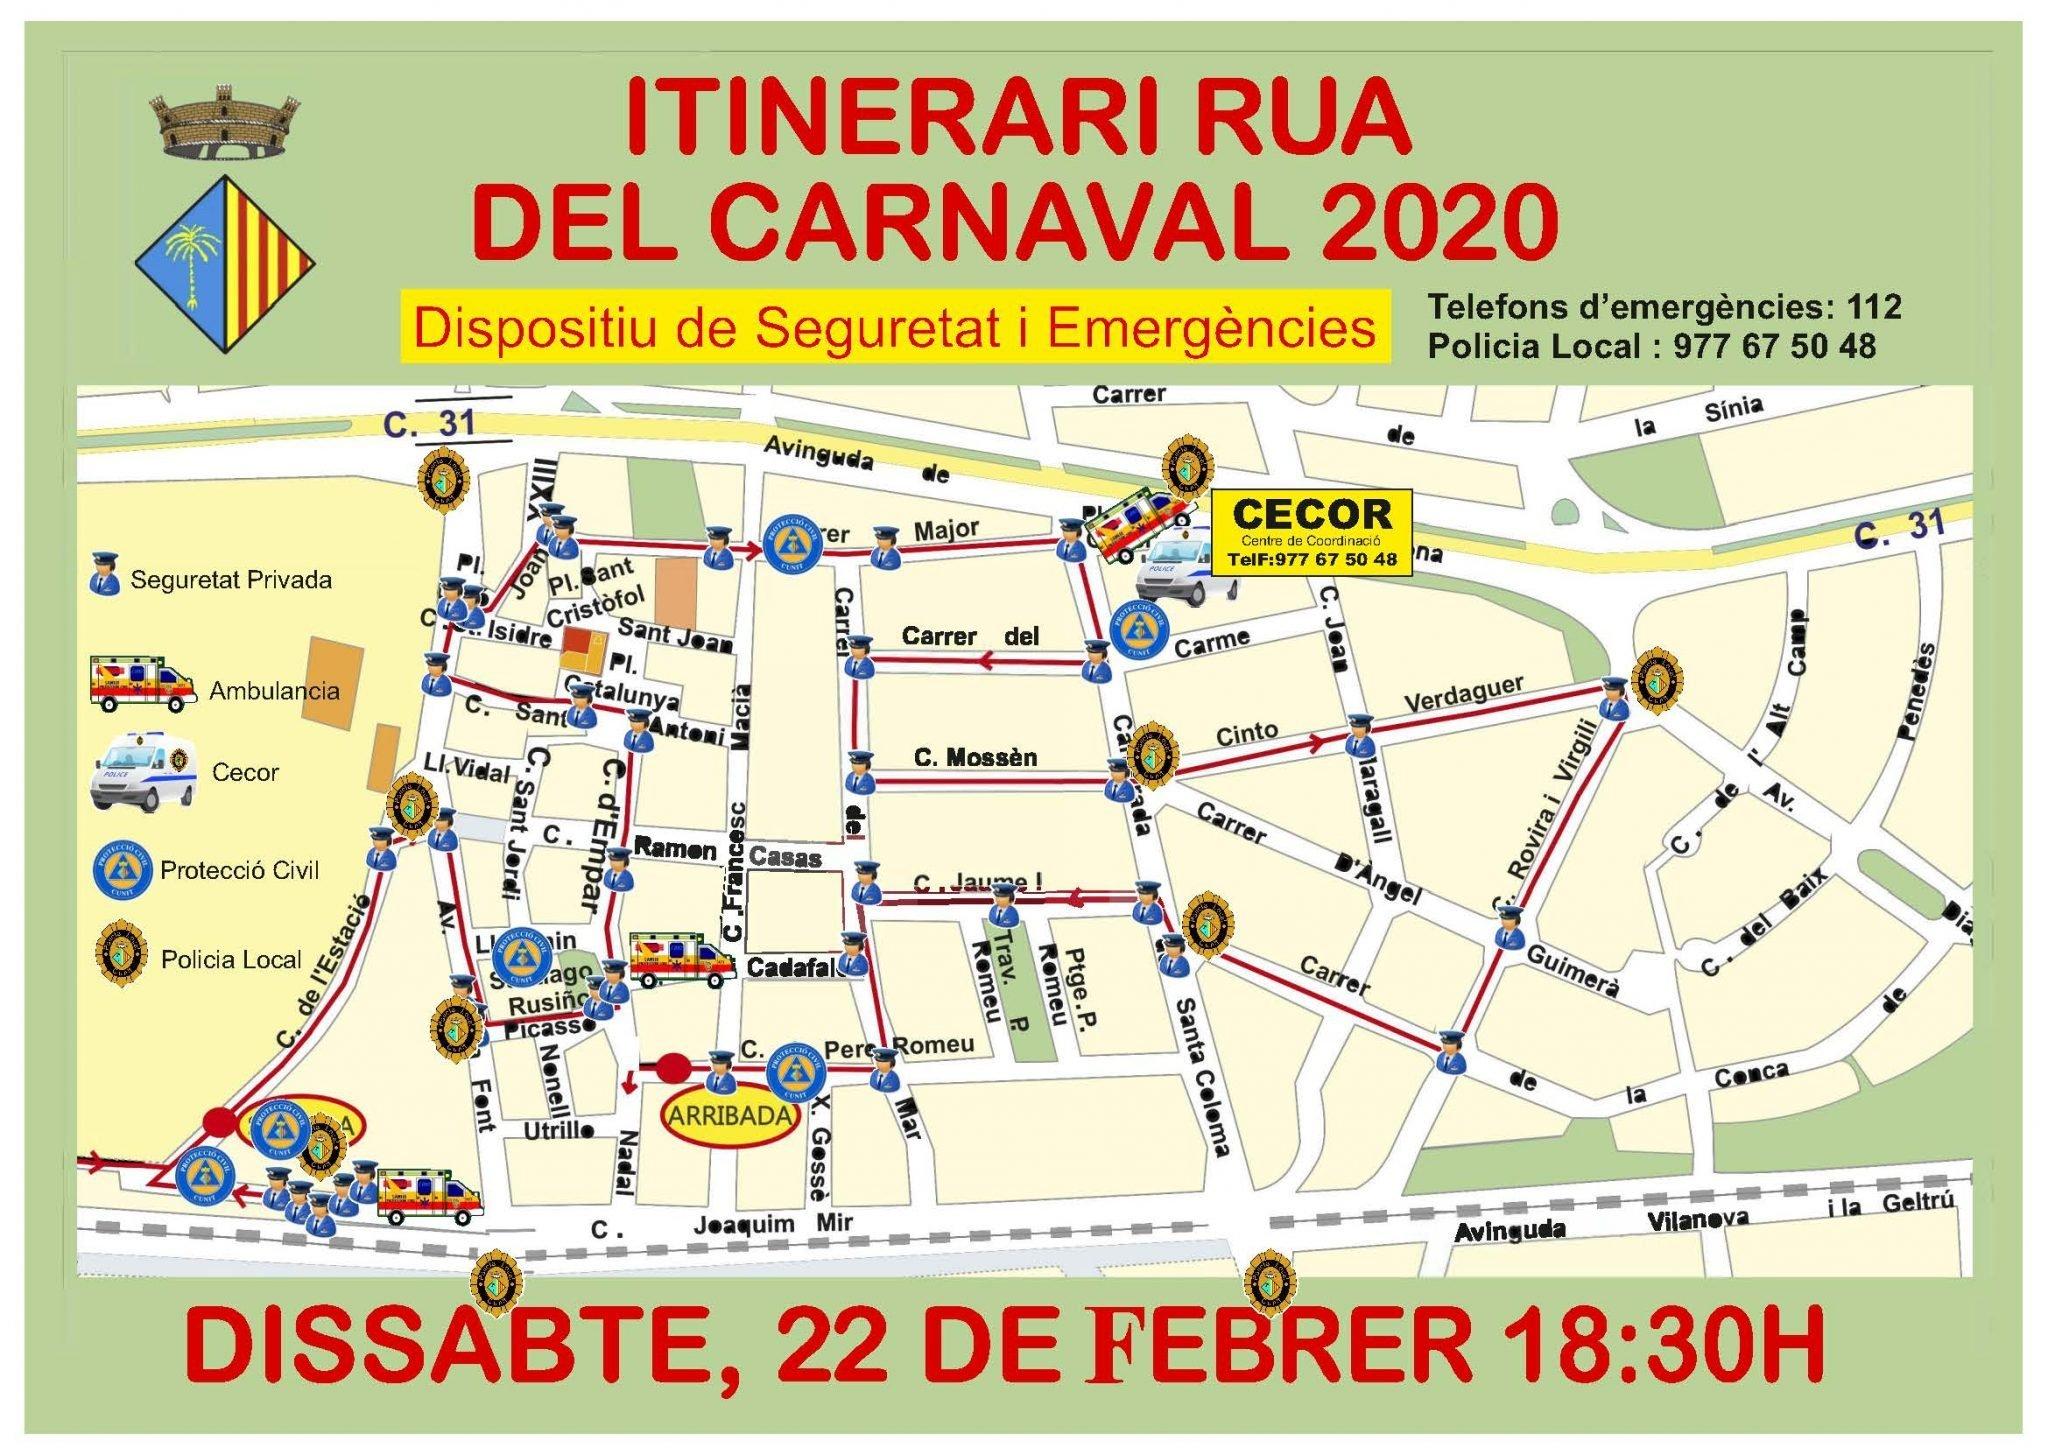 Dispositiu de Seguretat per la Rua de Carnaval